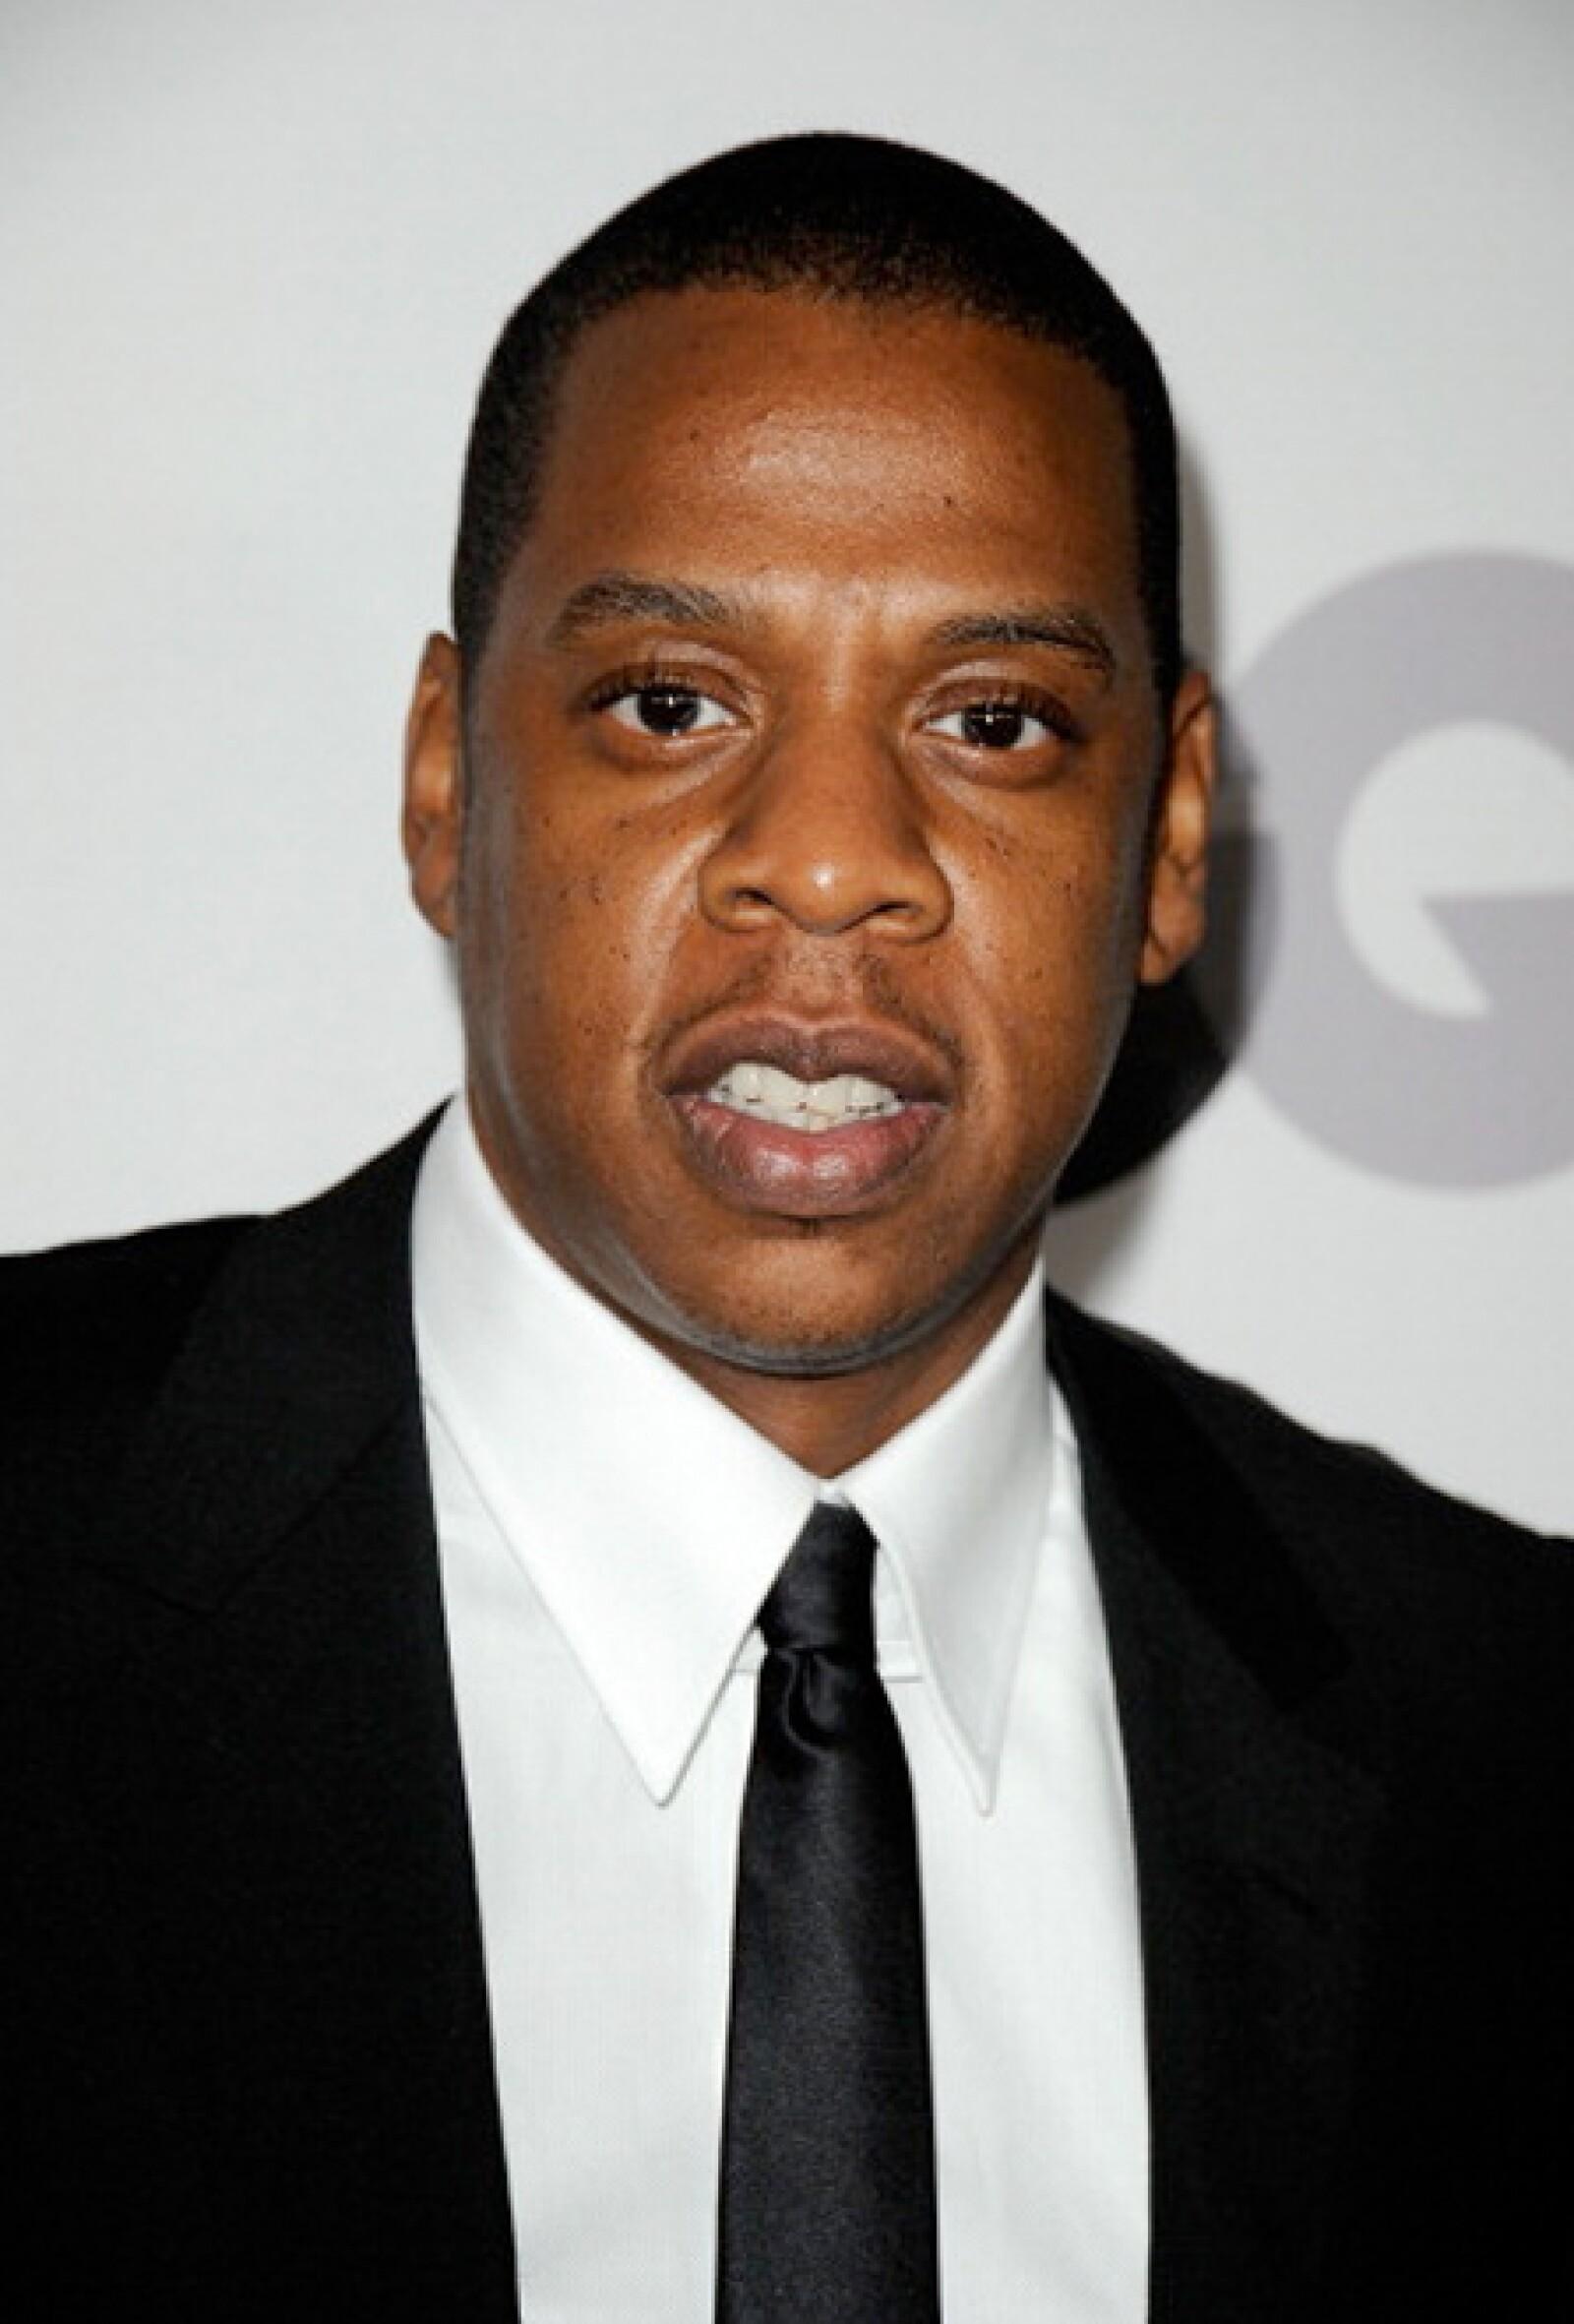 Jay Z cumple 44 años el 4 de diciembre.